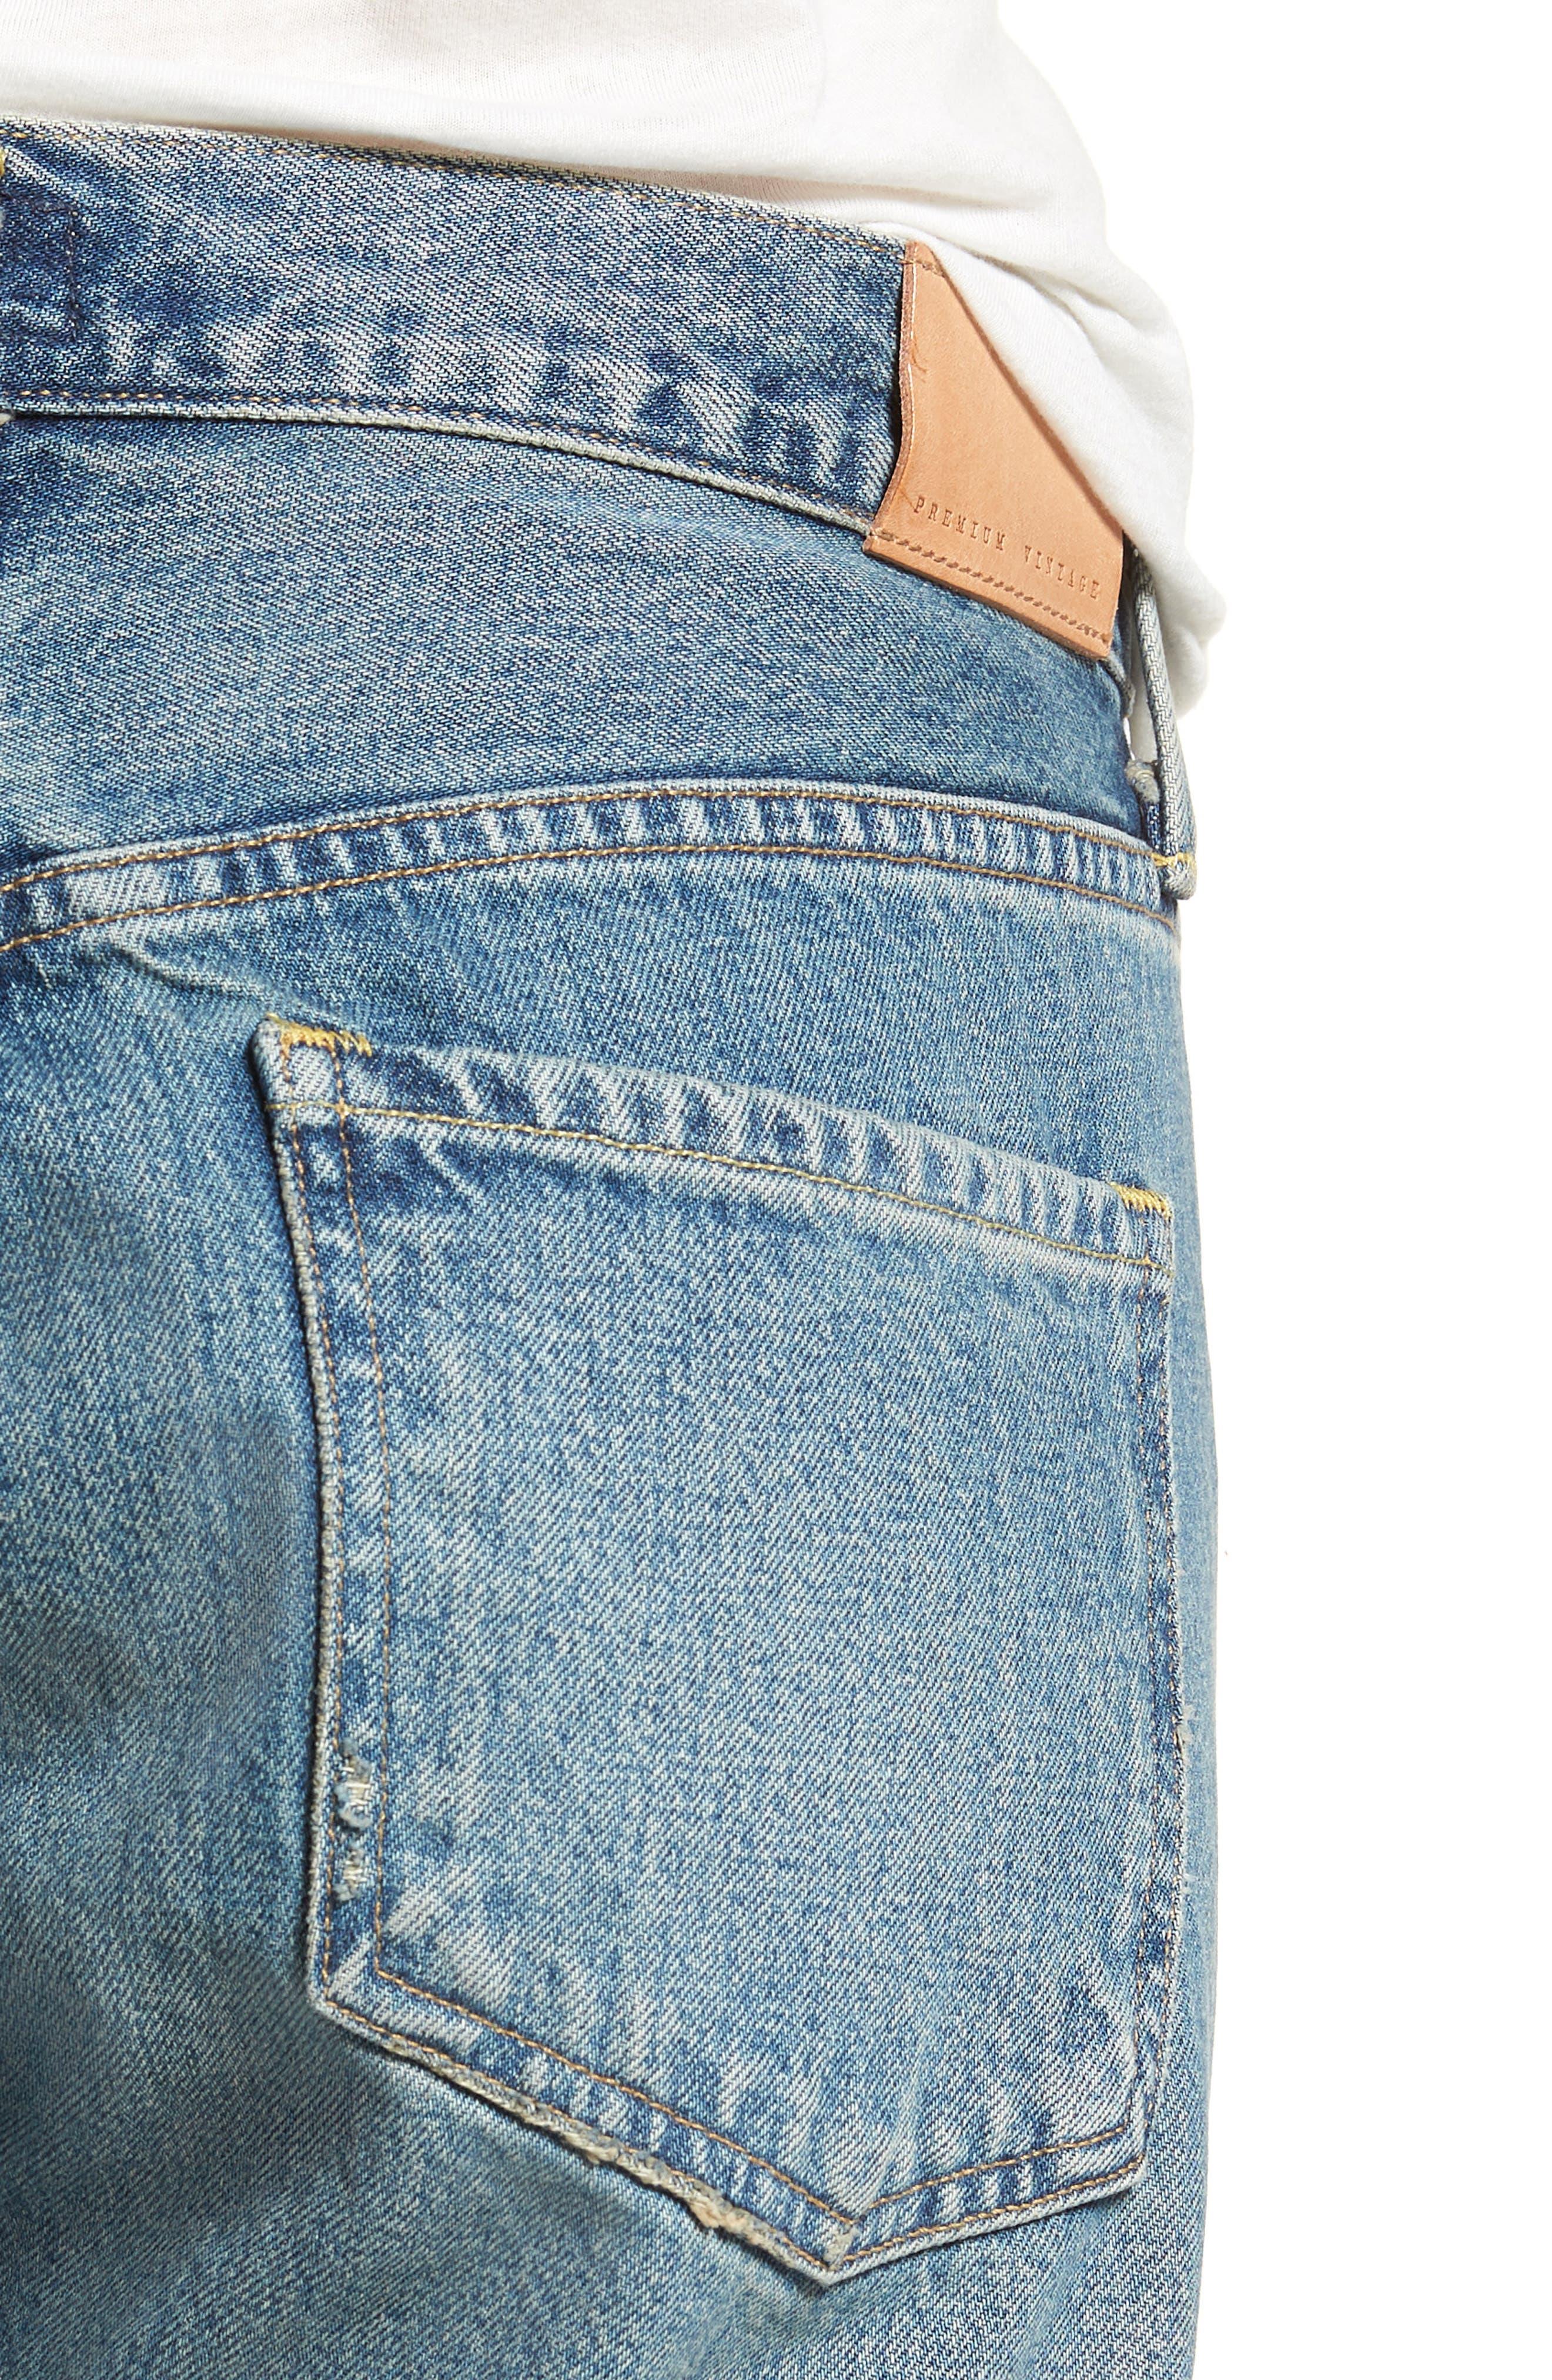 Emerson Crop Slim Boyfriend Jeans,                             Alternate thumbnail 4, color,                             421